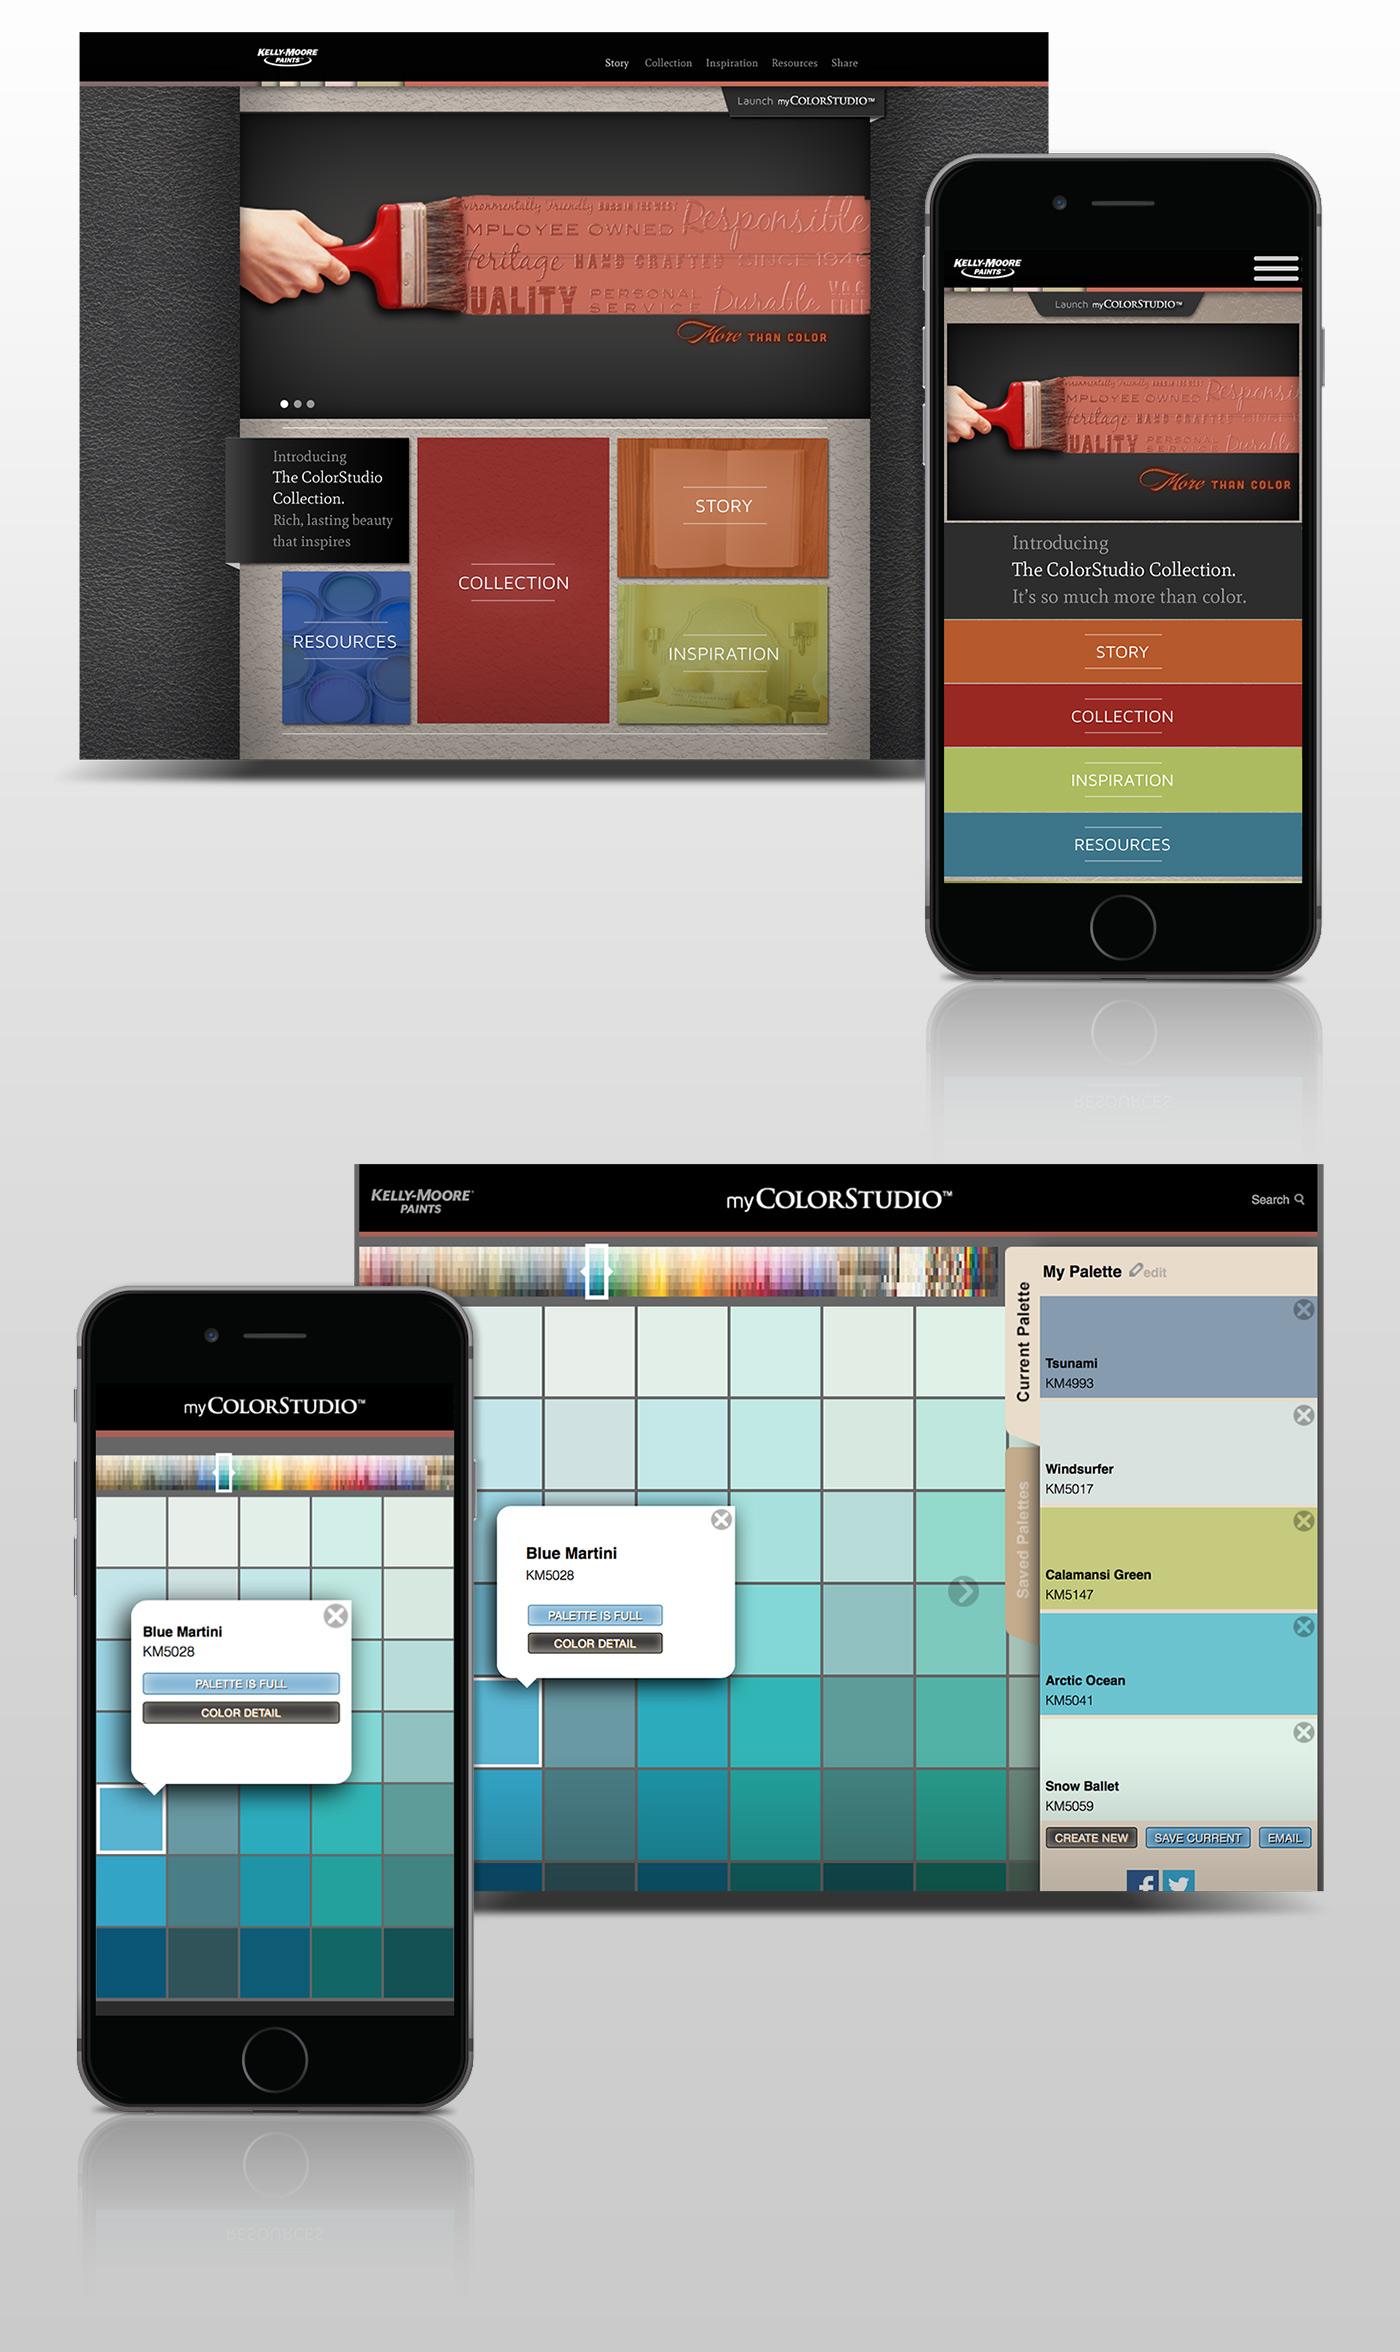 KM color picker app